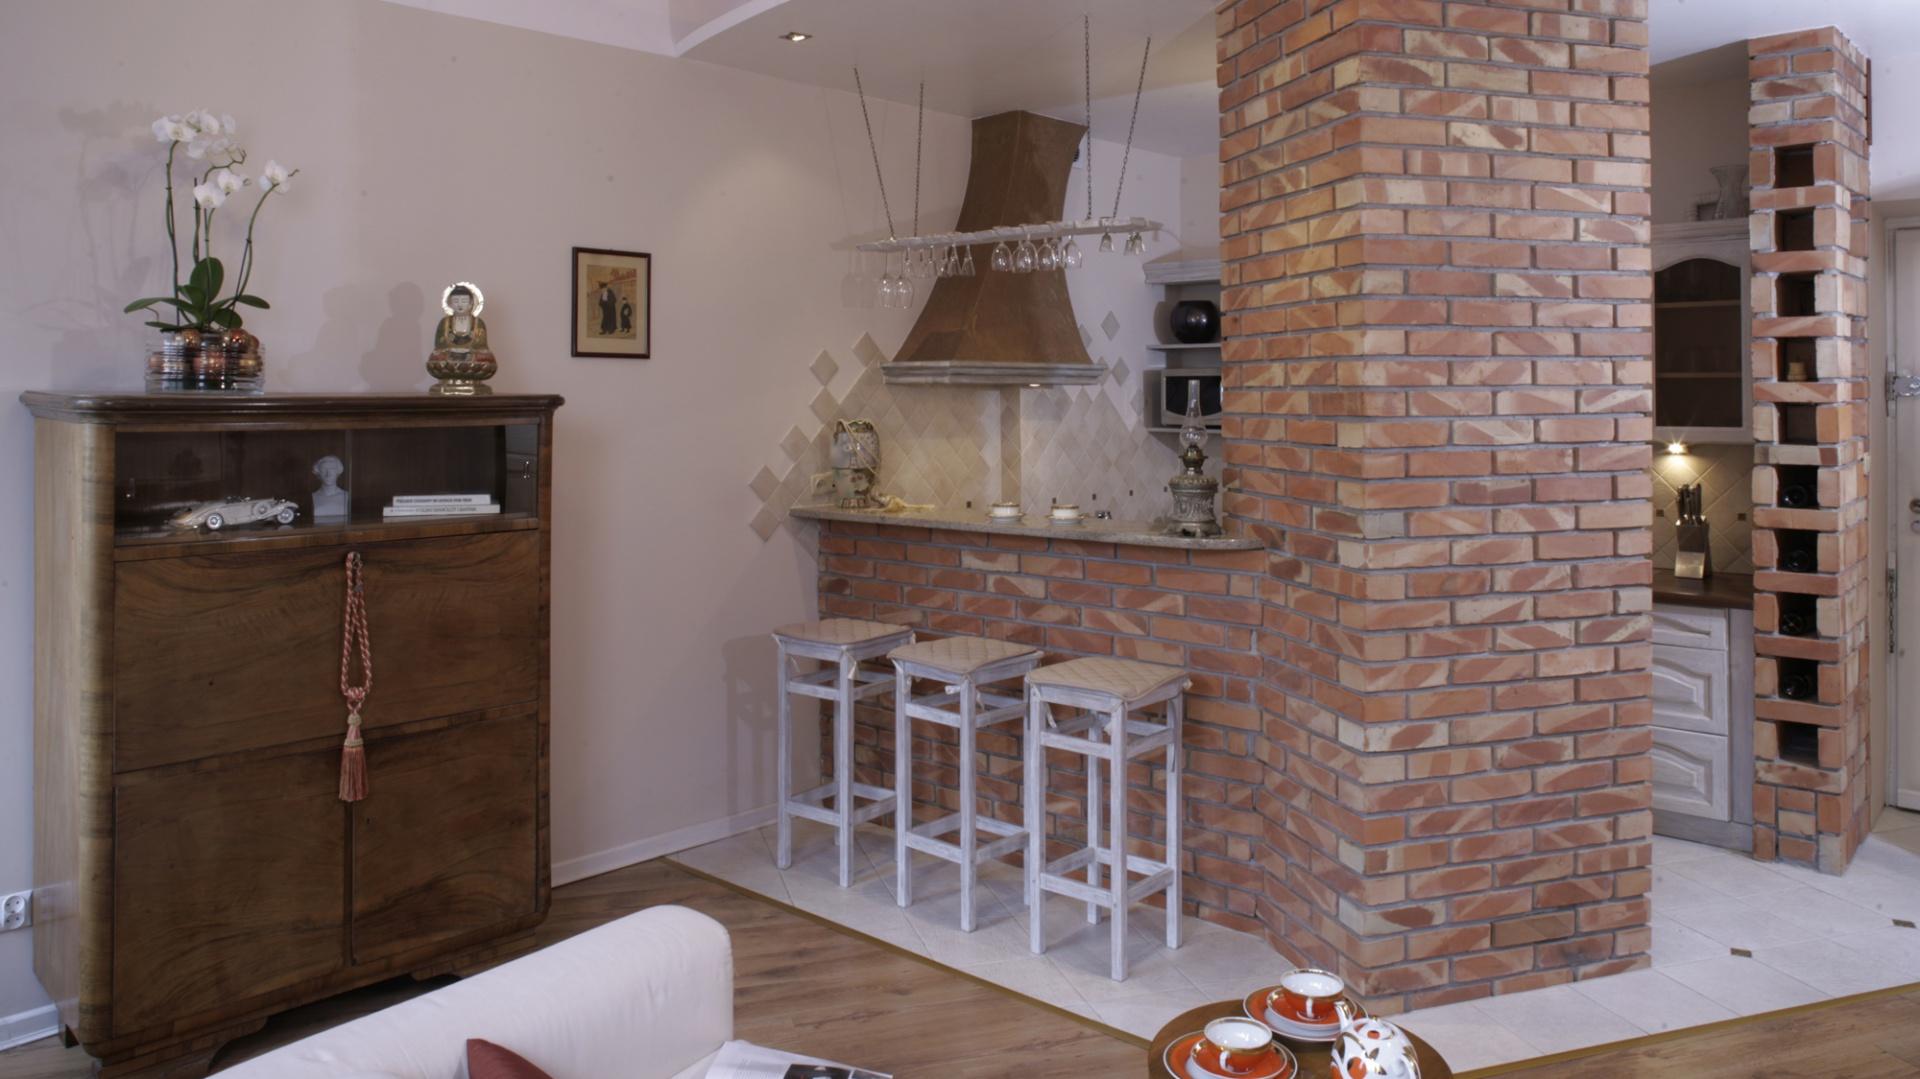 Konstrukcja z czerwonej, palonej cegły, wybudowana przy wejściu do kuchni, skrywa w sobie lodówkę. Po przeciwnej stronie powstało kilka wnęk, które gospodarze wykorzystali jako leżak na wino. Fot. Monika Filipiuk.